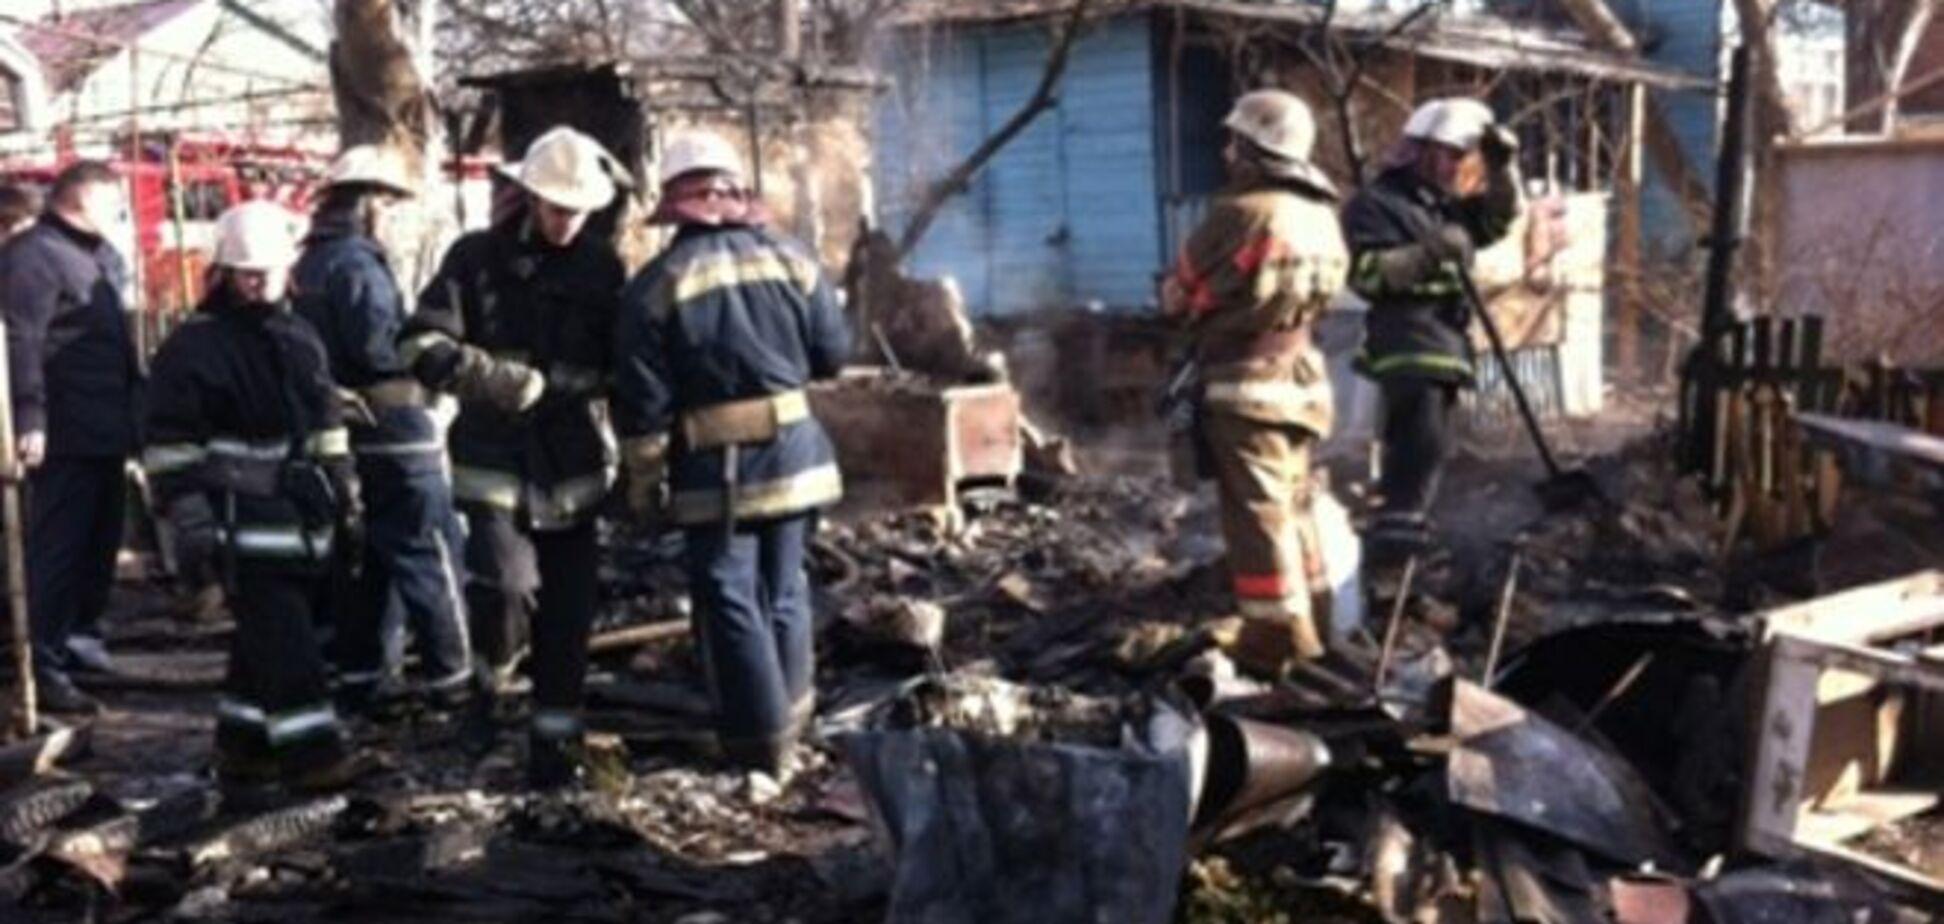 Во время пожара в Киеве обнаружили тело мужчины: опубликовано видео